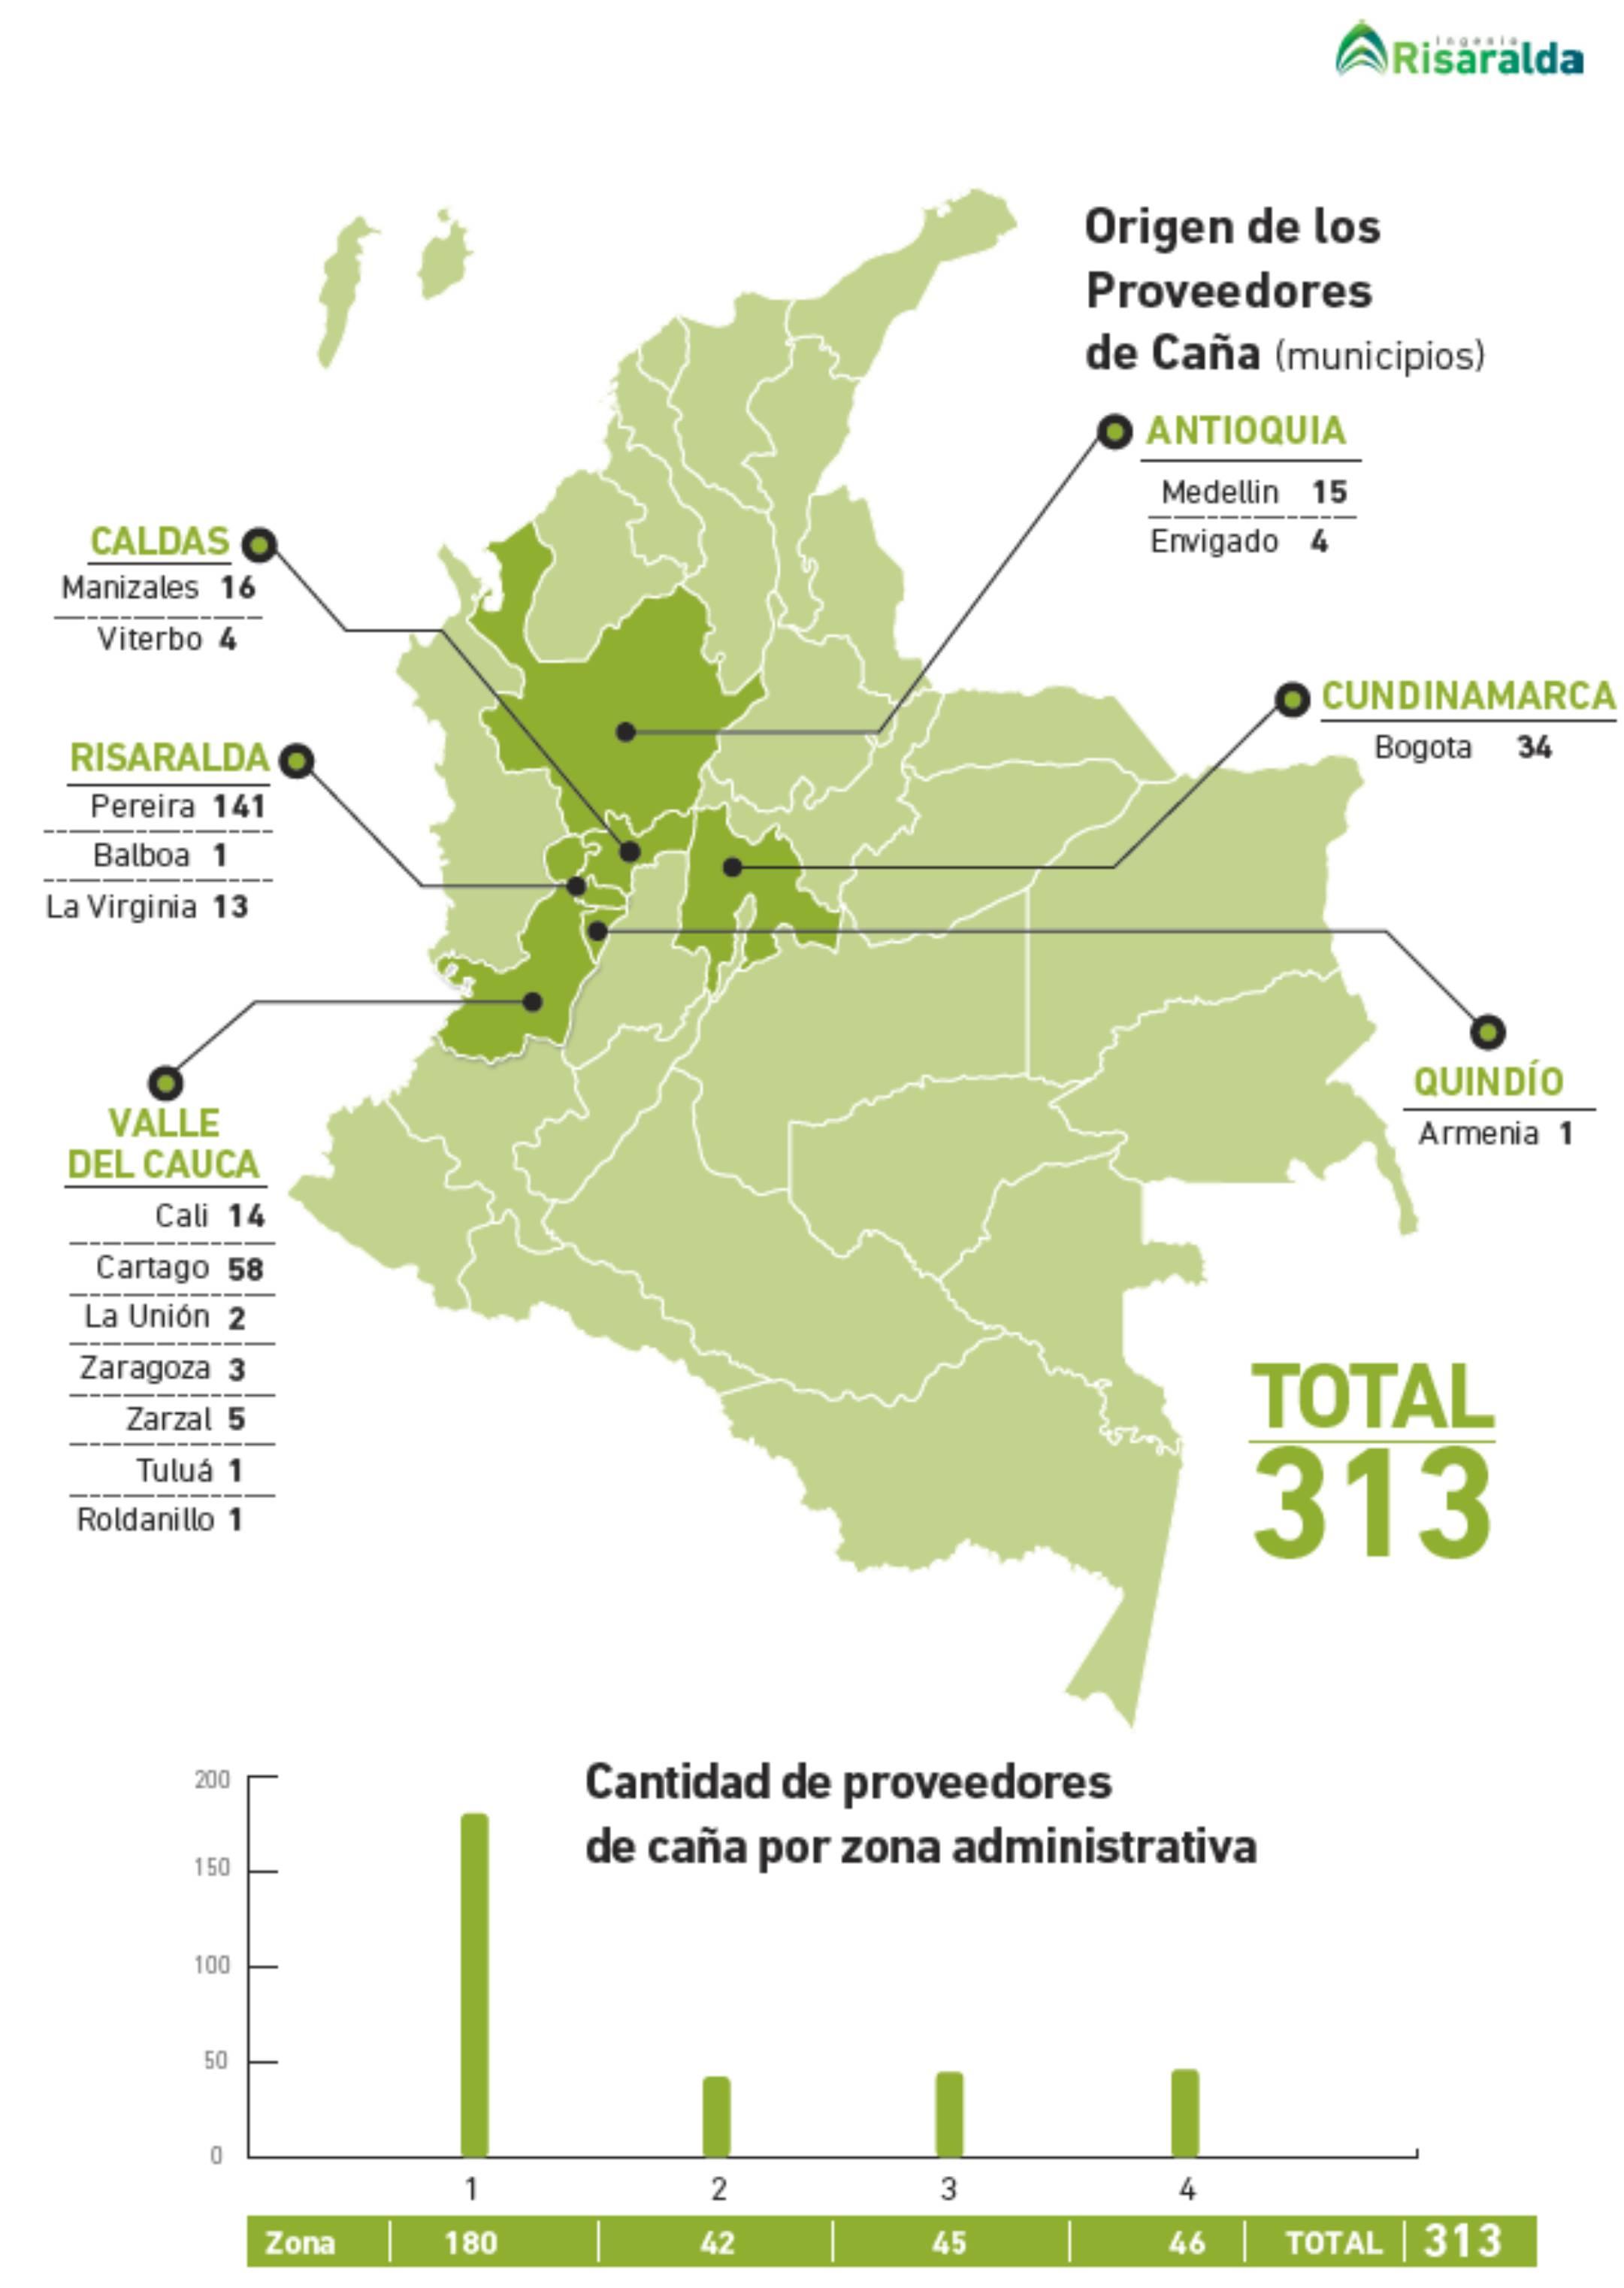 MAPA ORIGEN DE LOS PROVEEDORES DE CAÑA 2018